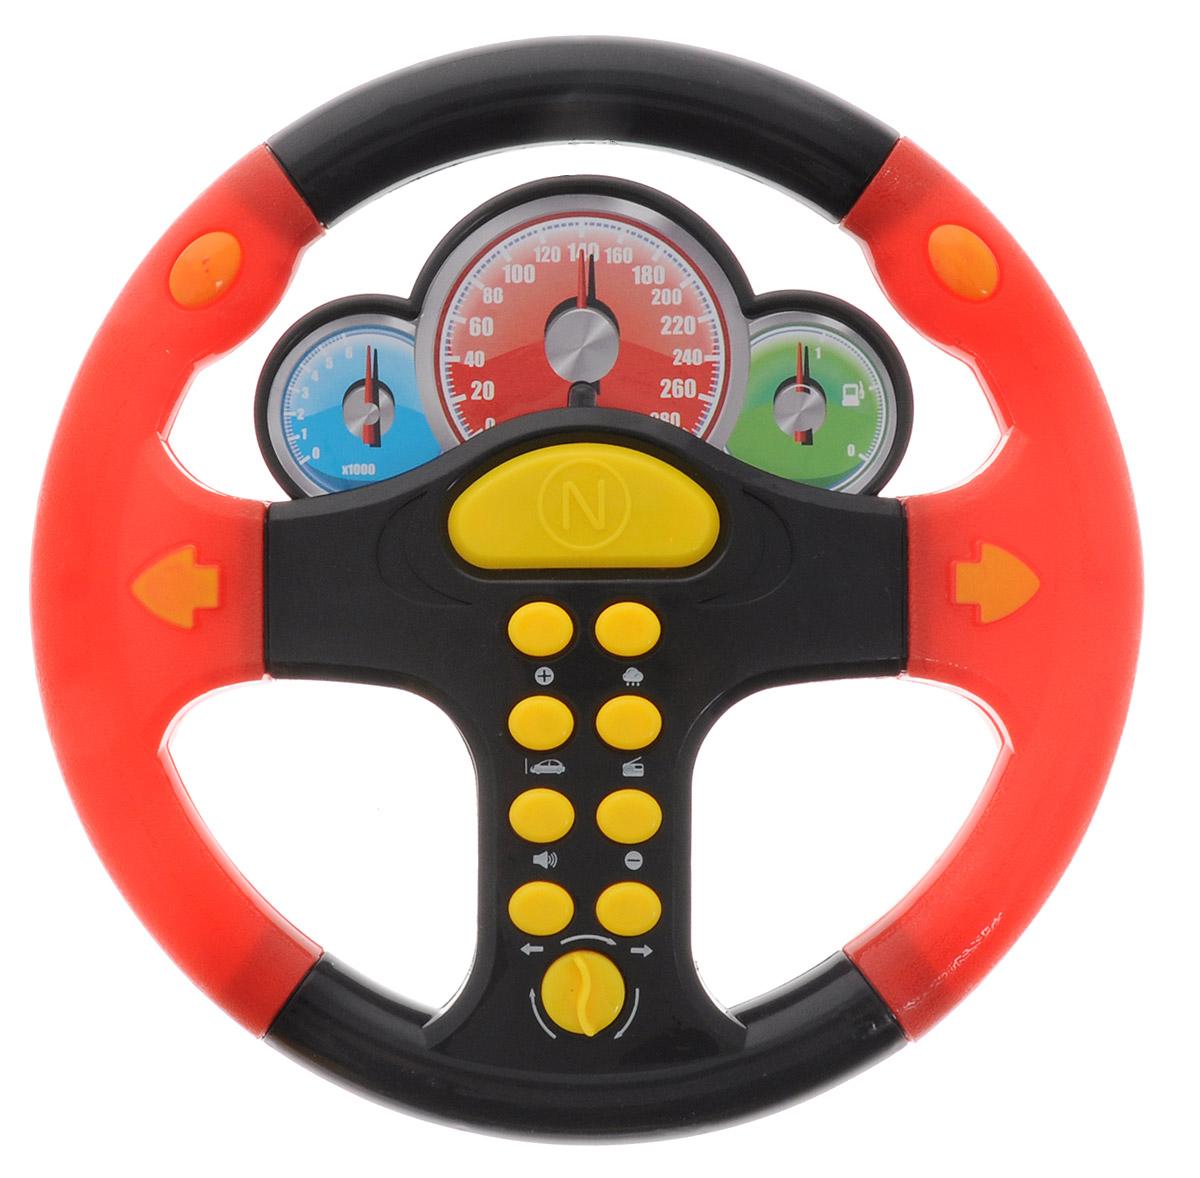 ABtoys Игрушечный музыкальный руль цвет черный красныйPT-00419_черный красныйИгрушечный музыкальный руль ABtoys со световыми и звуковыми эффектами не оставит равнодушным вашего юного автолюбителя. Теперь ваш ребенок сможет фантазировать и представлять себя водителем в любом месте: и дома, сидя на стуле, и на заднем сиденье автомобиля во время поездки. Руль выполнен из безопасного для ребенка материала. При нажатии на кнопочки воспроизводятся разные звуки. Порадуйте свое драгоценное чадо столь интересным, занимательным и развлекательным подарком. Необходимо купить 3 батарейки типа АА (не входят в комплект).